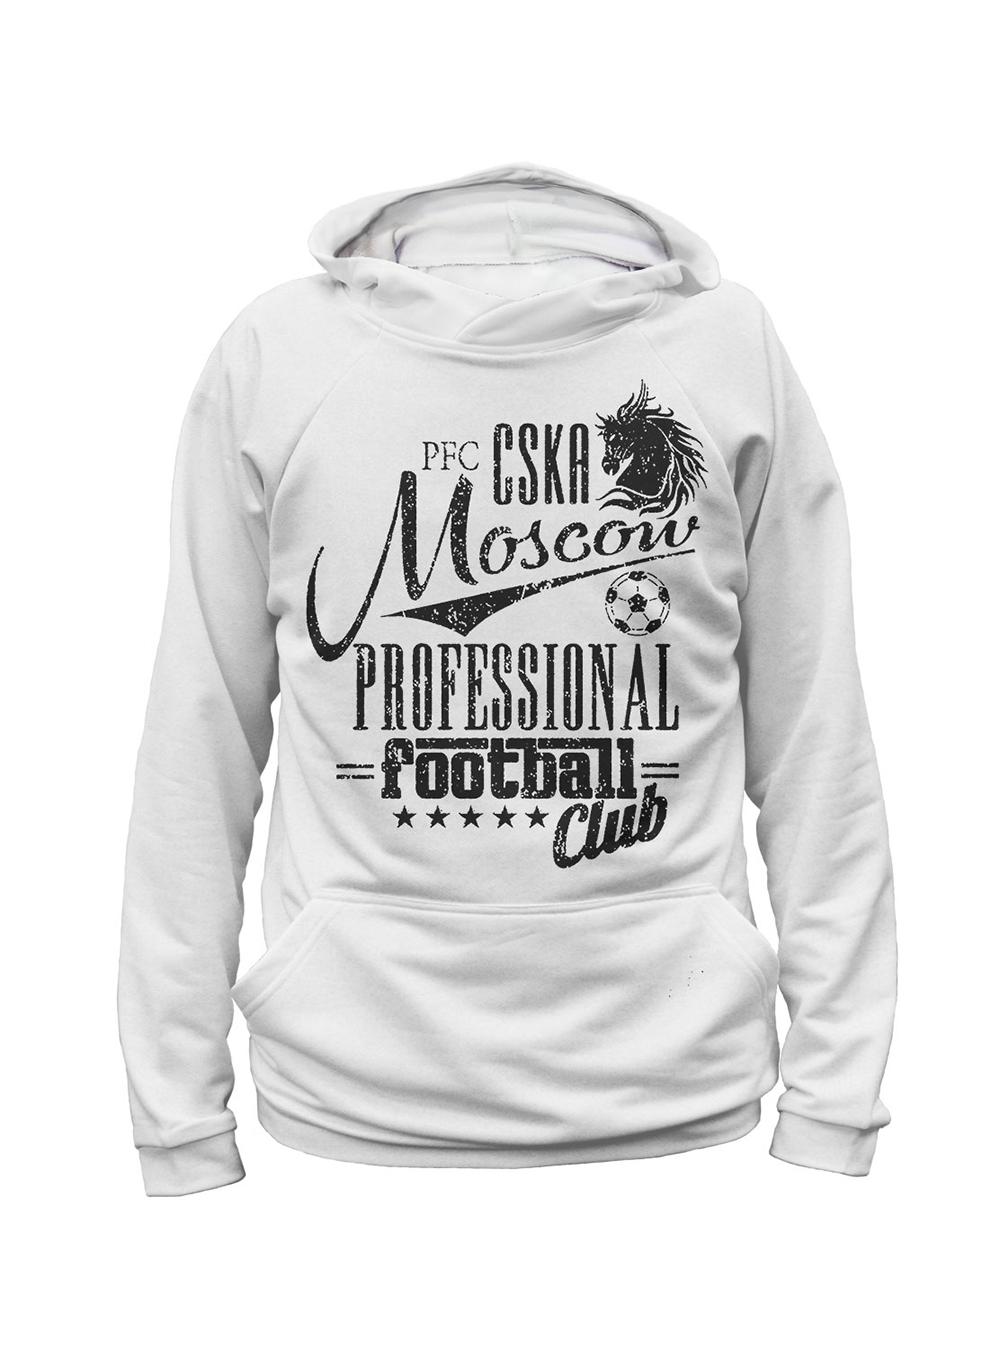 Худи женский PFC CSKA Moscow, цвет белый (XXL)Одежда на заказ<br>Худи женский PFC CSKA Moscow, цвет белый<br>